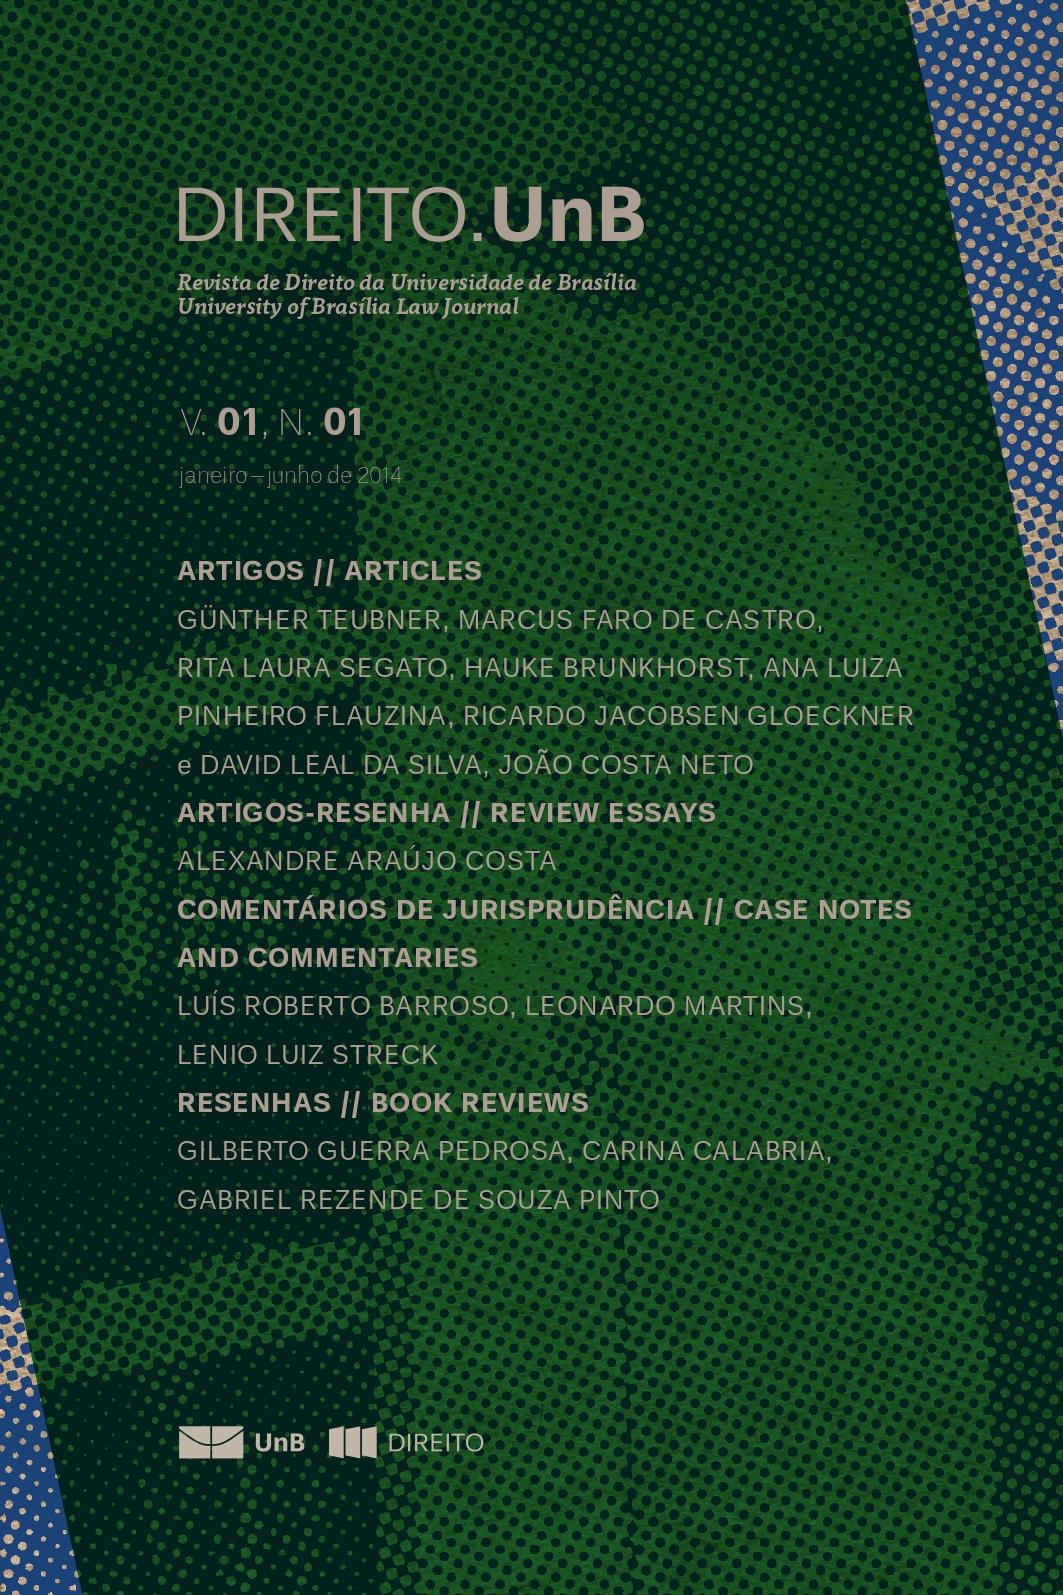 Capa da Revista Direito.UnB Volume 1, Número 1